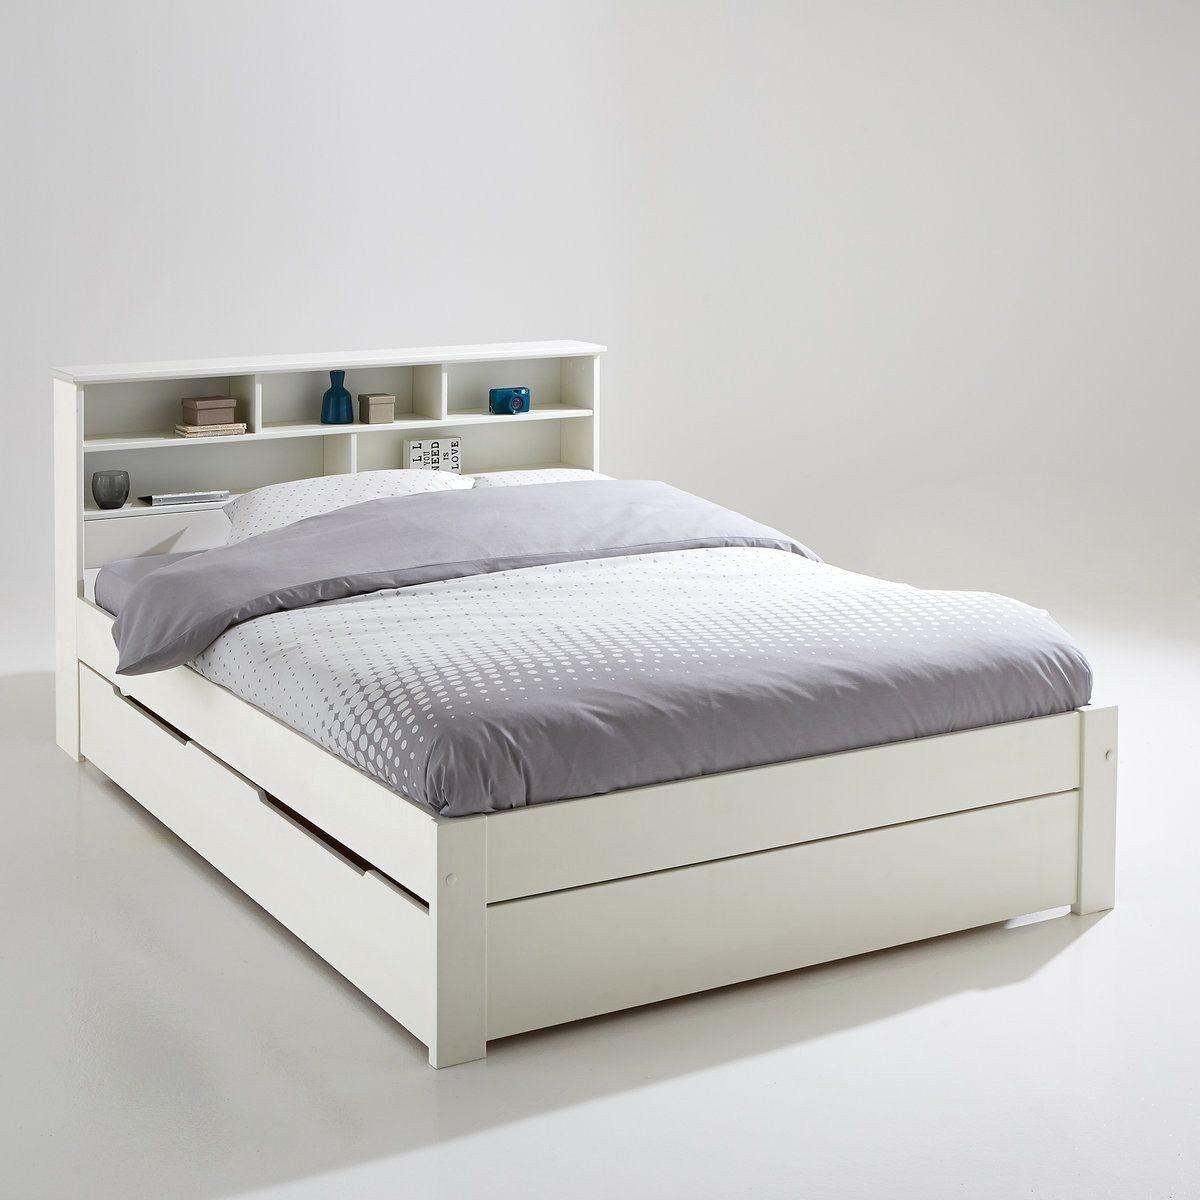 Ikea Lit Rangement Douce Tete De Lit 160 Gris Clair Tete De Lit Ikea 180 Fauteuil Salon Ikea